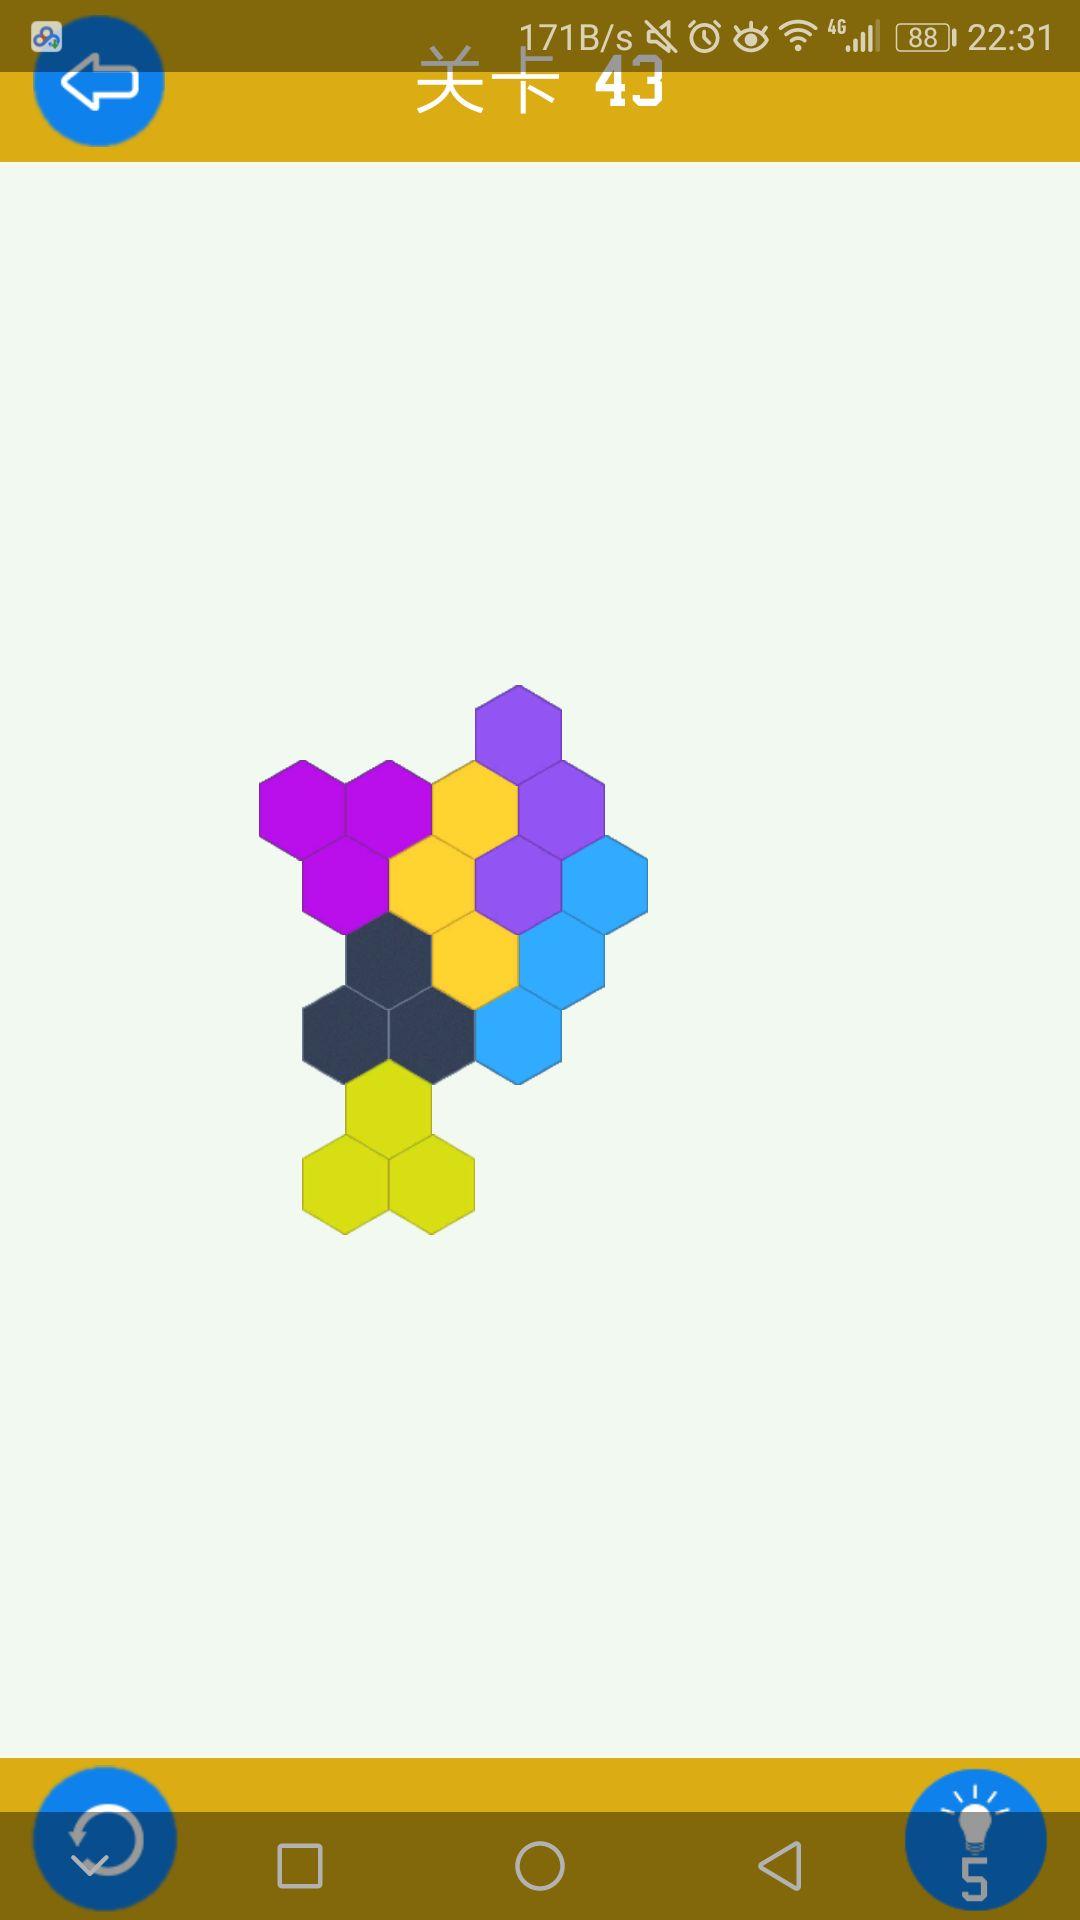 六边形拼图简单第43关通关攻略